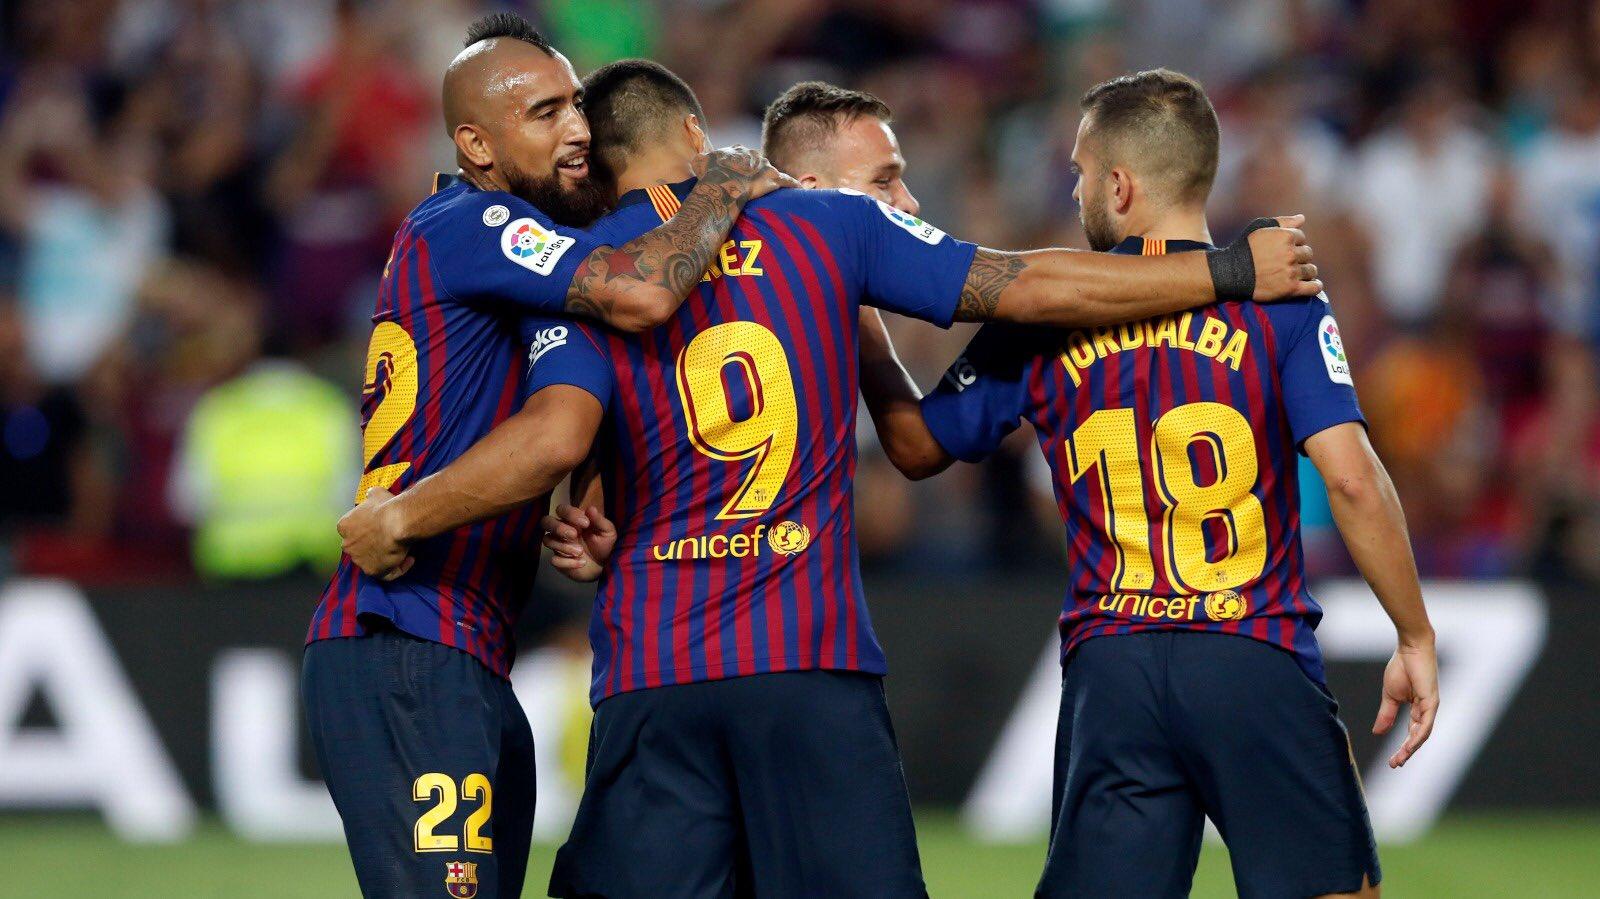 صور مباراة : ريال سوسيداد - برشلونة 1-2 ( 15-09-2018 ) DmHUOYMV4AAey-j